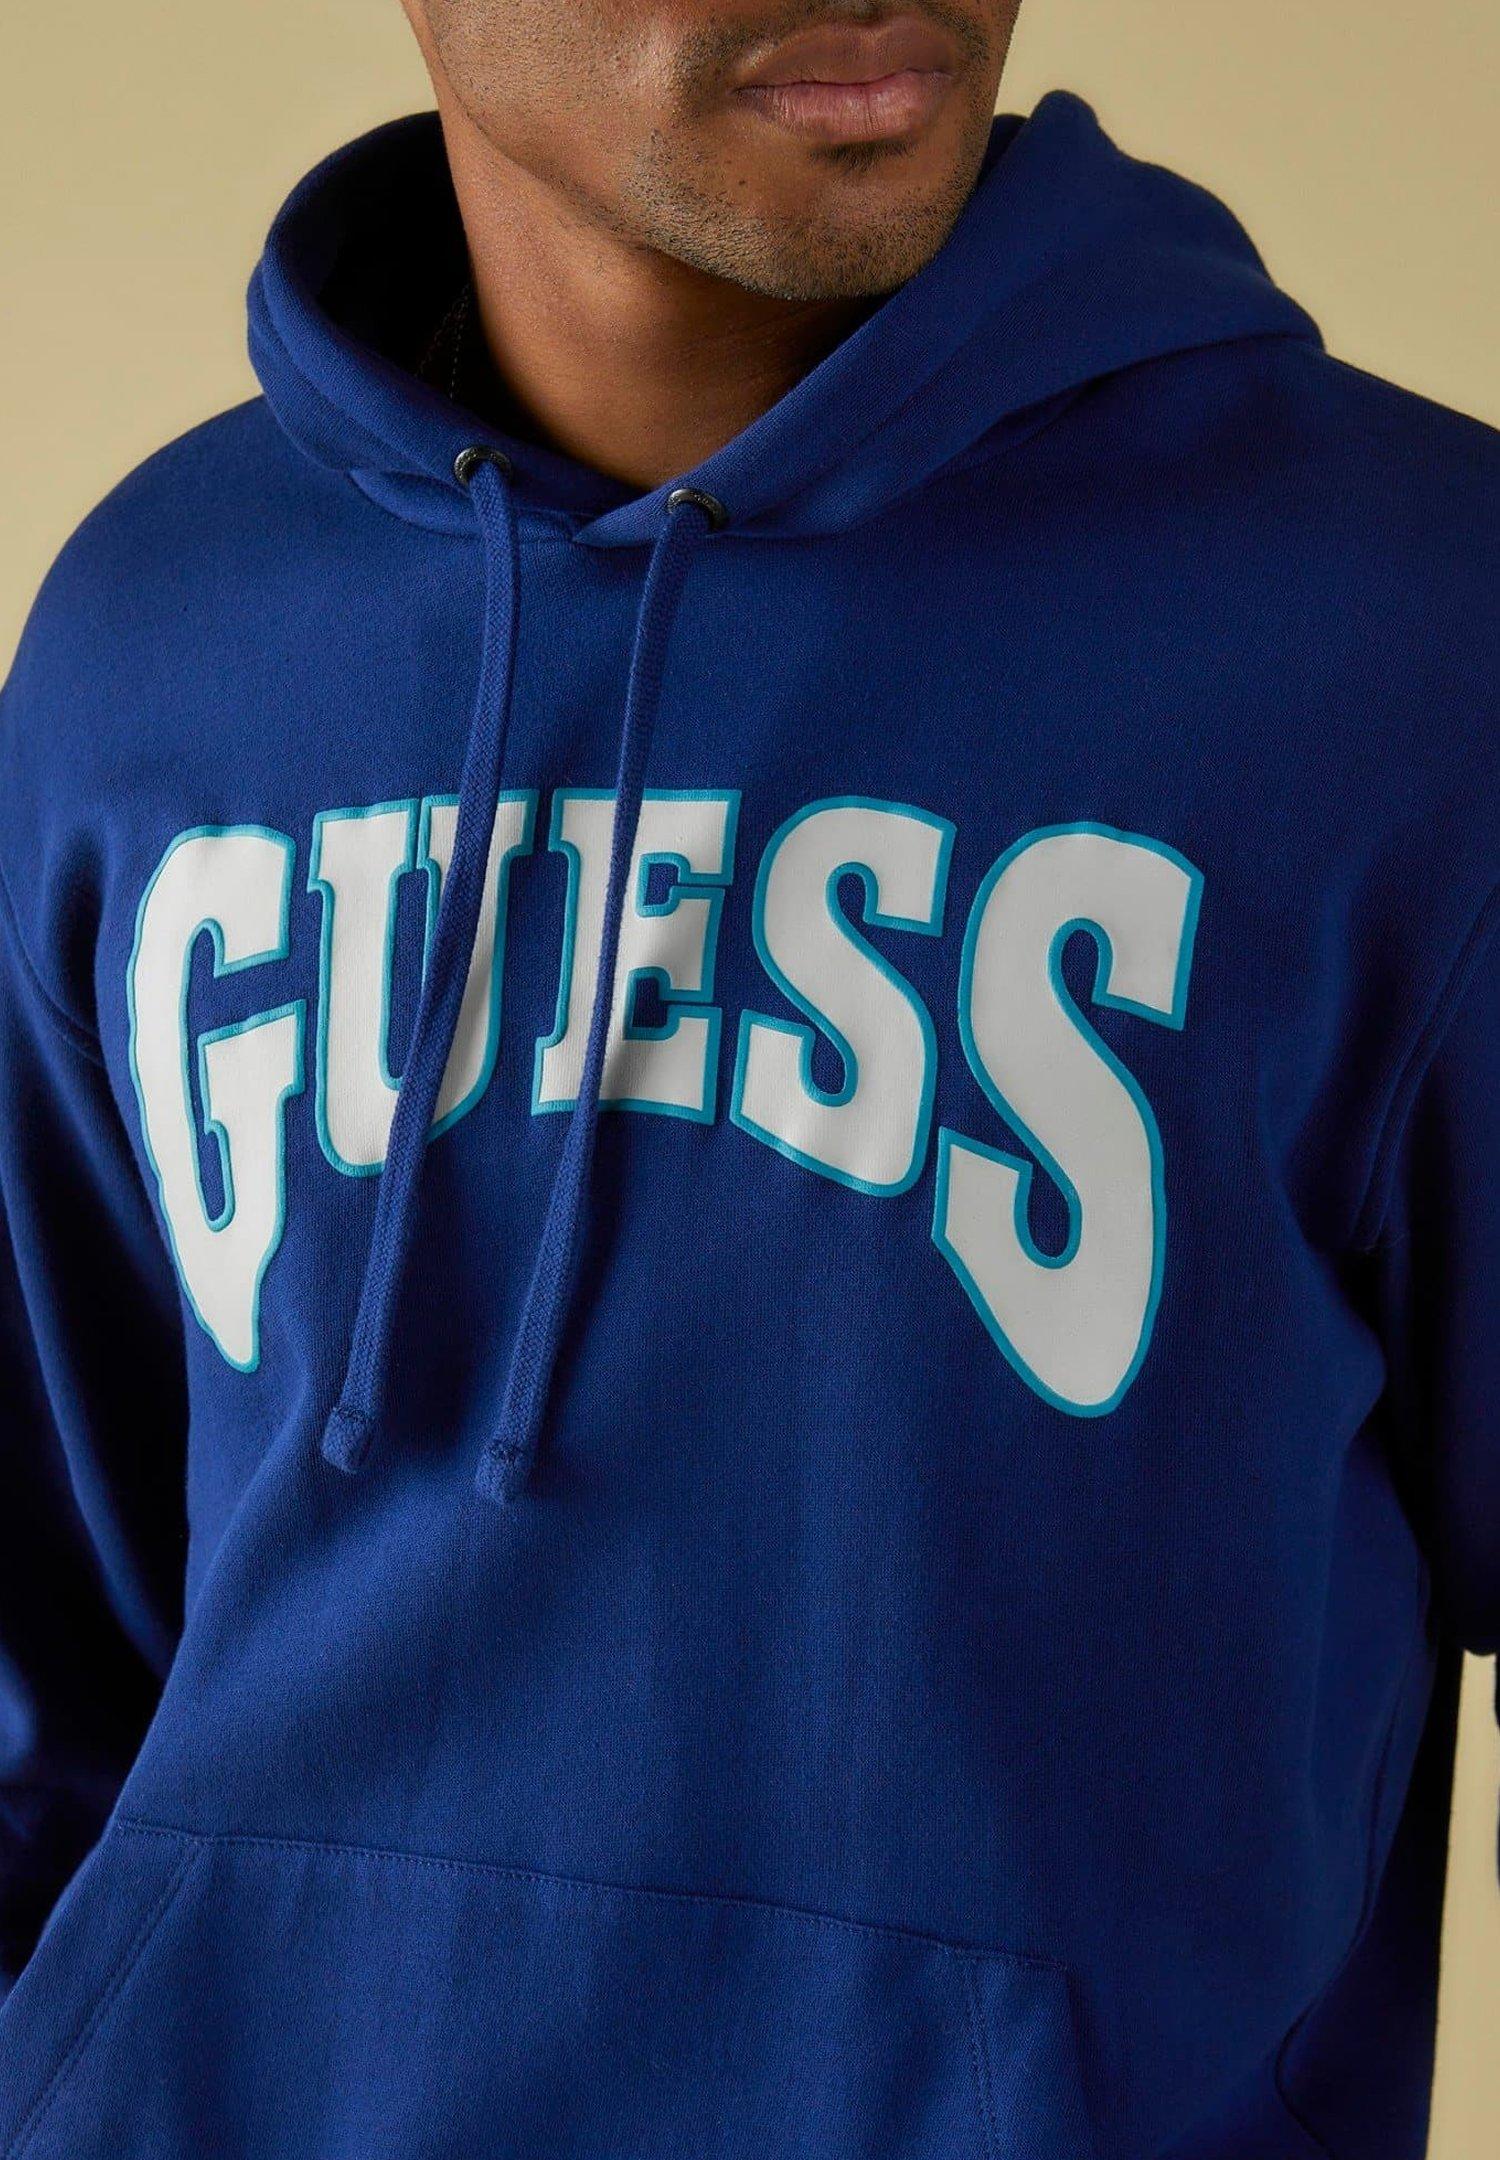 Guess Sweatshirt Frontlogo - Felpa Con Cappuccio Blau htPrz